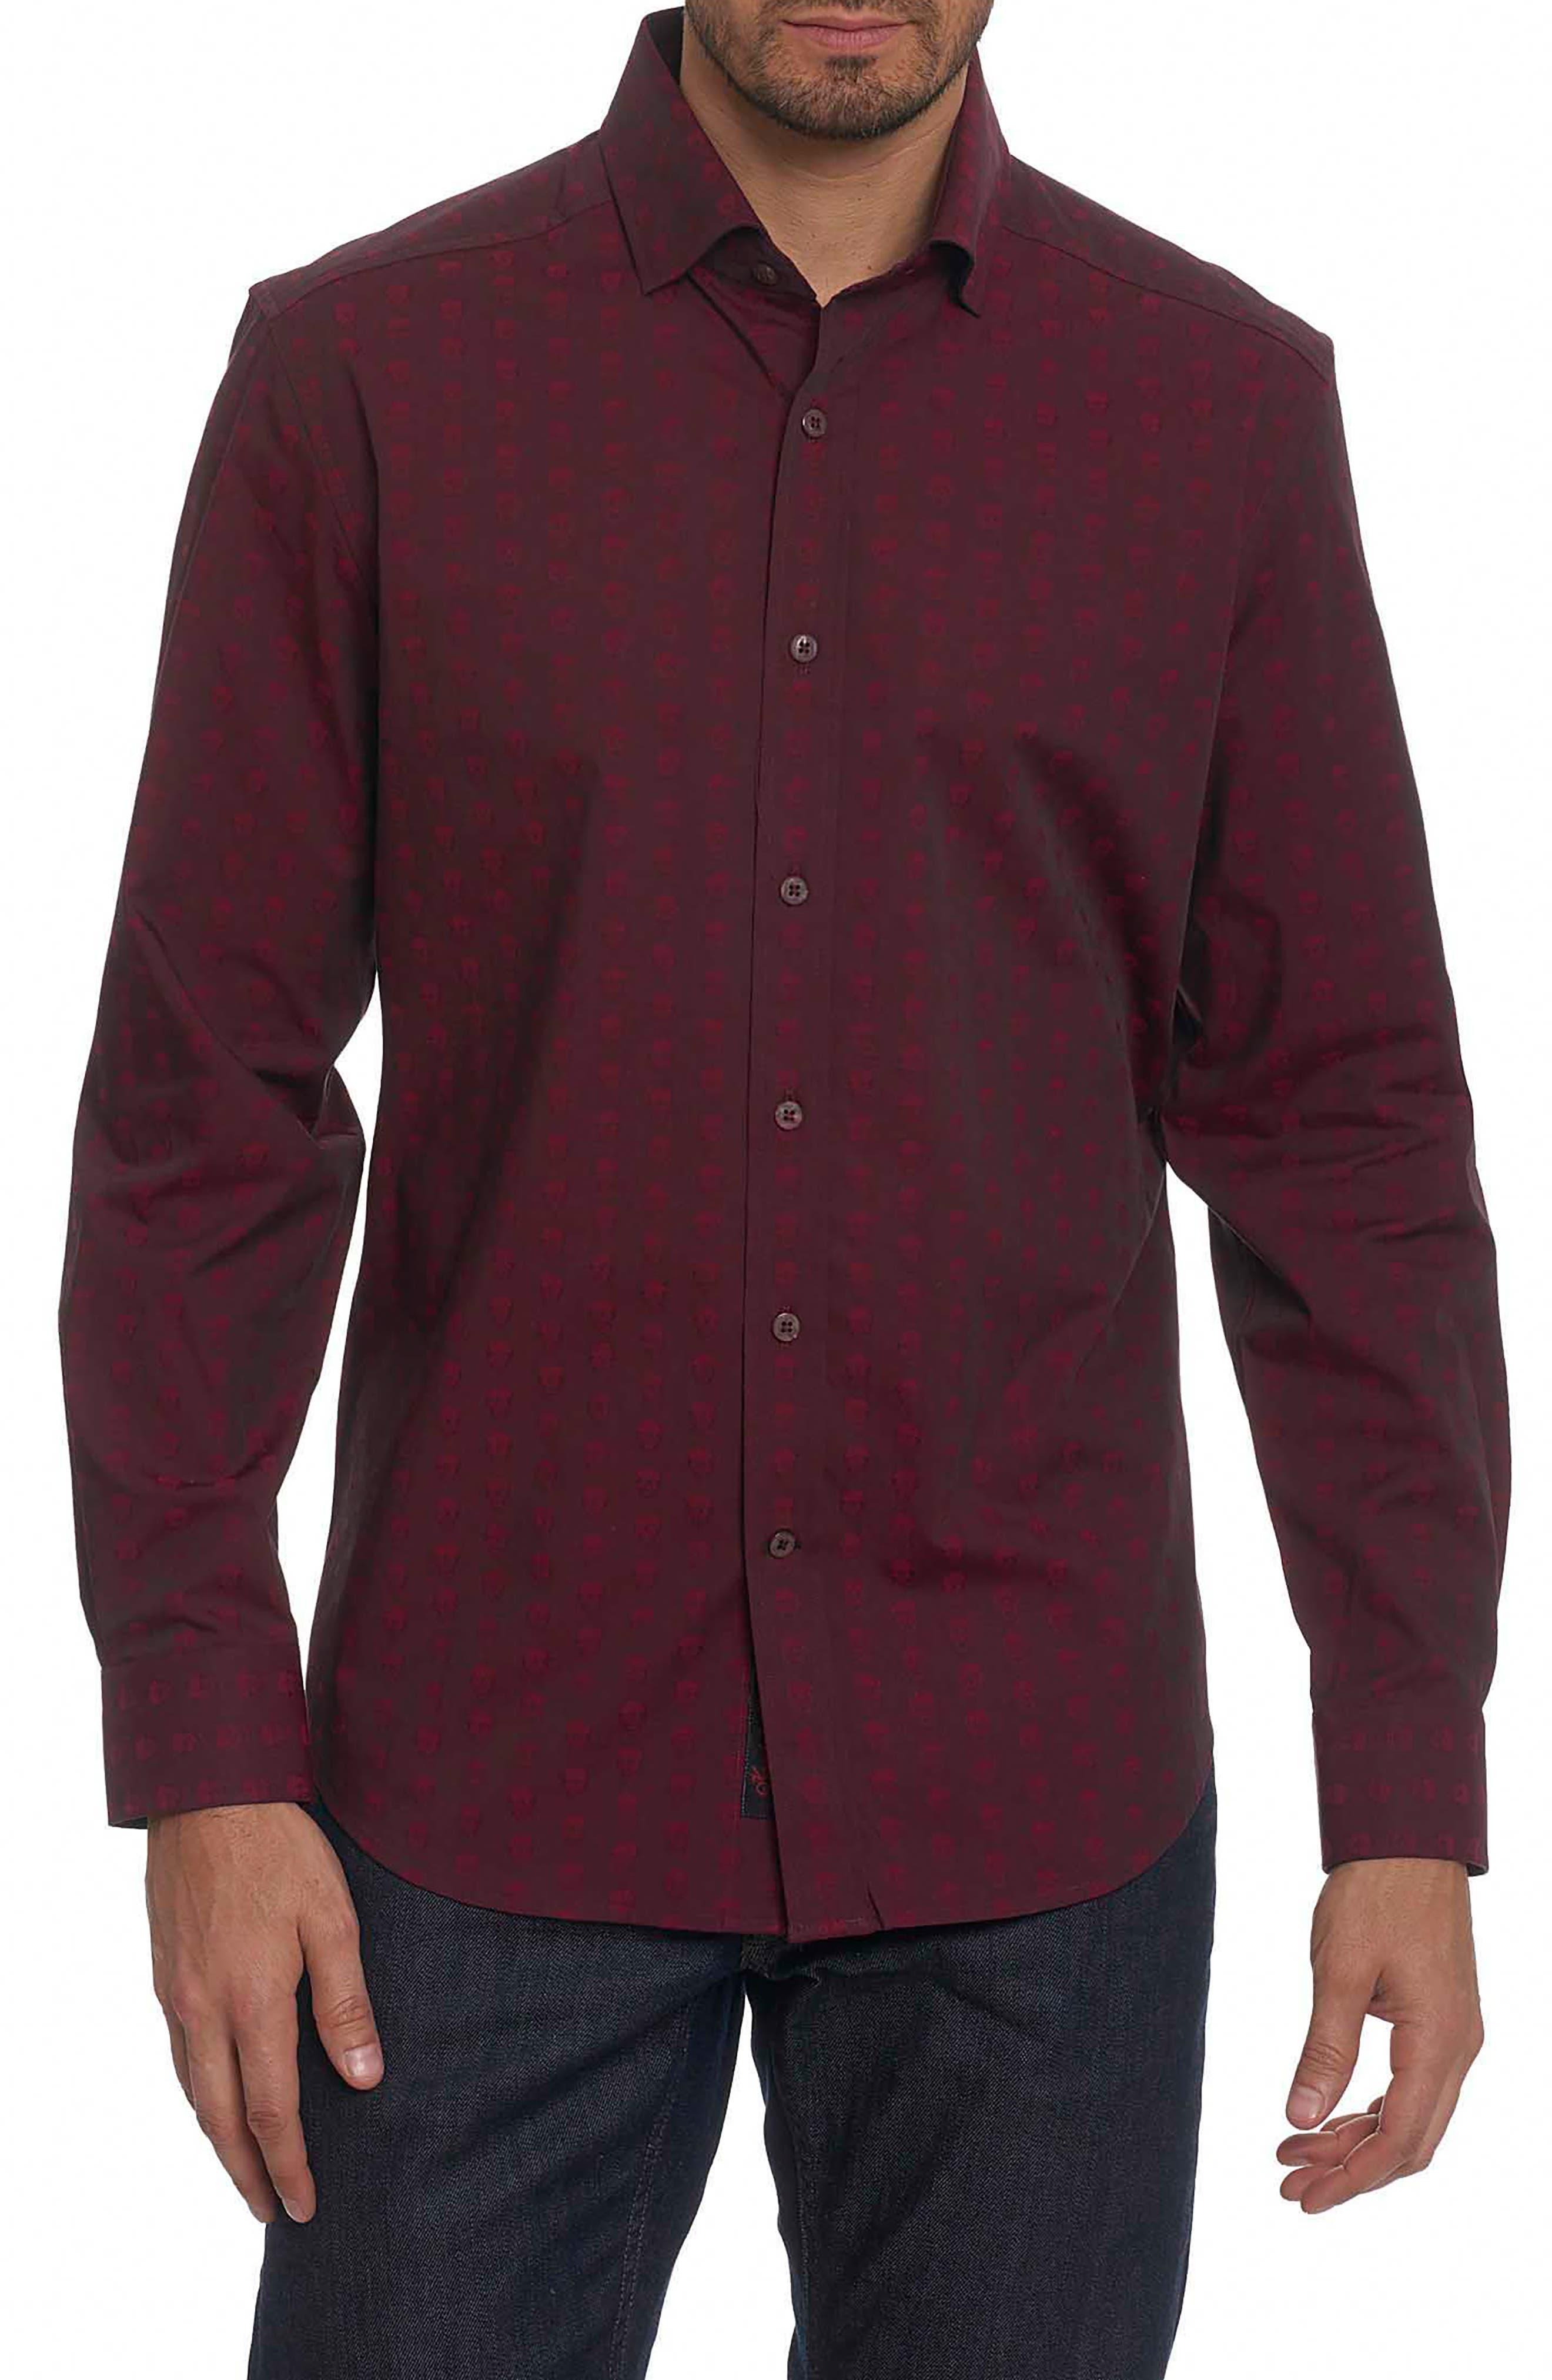 Main Image - Robert Graham Deven Tailored Fit Sport Shirt